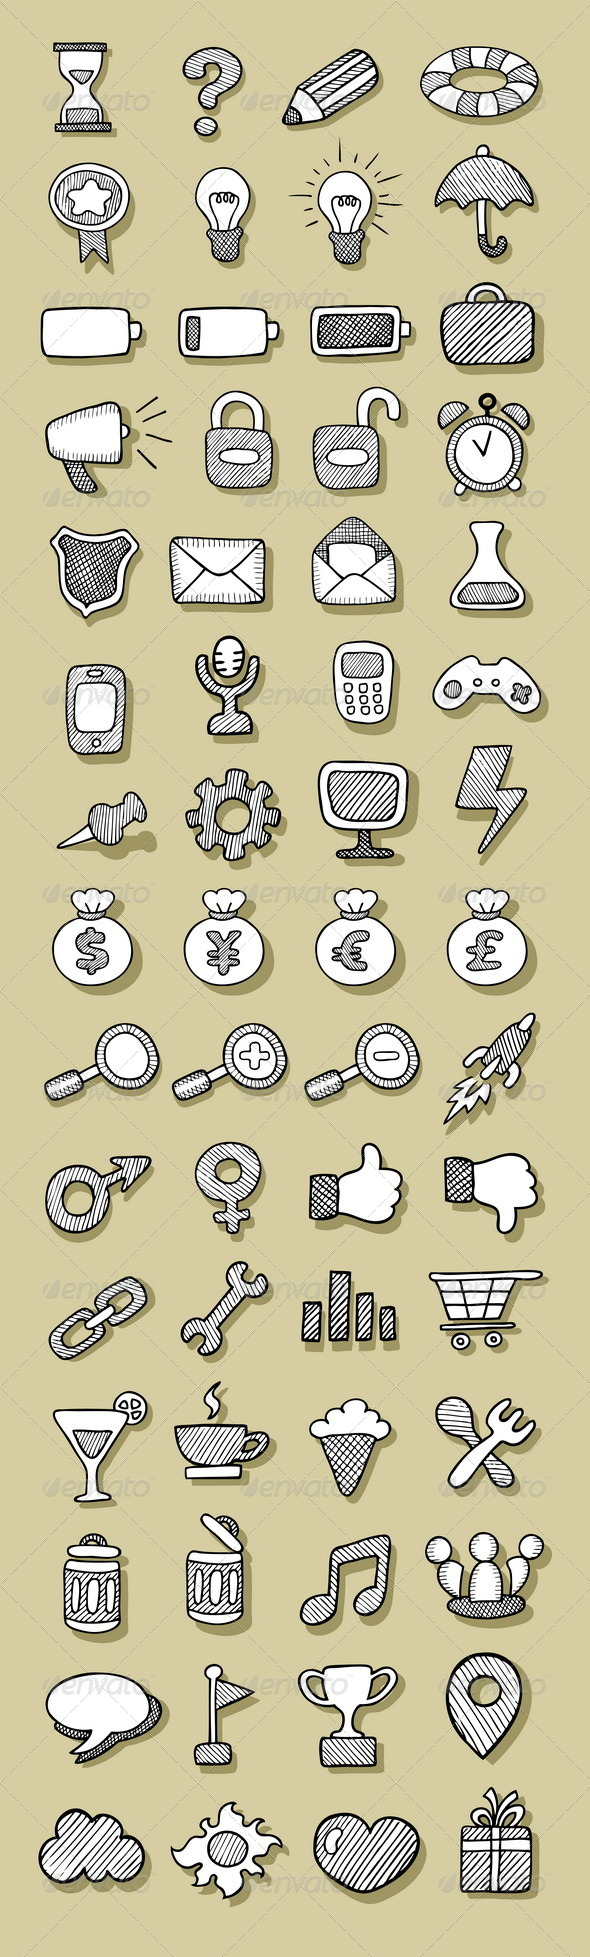 Icons Sketch - Web Elements Vectors